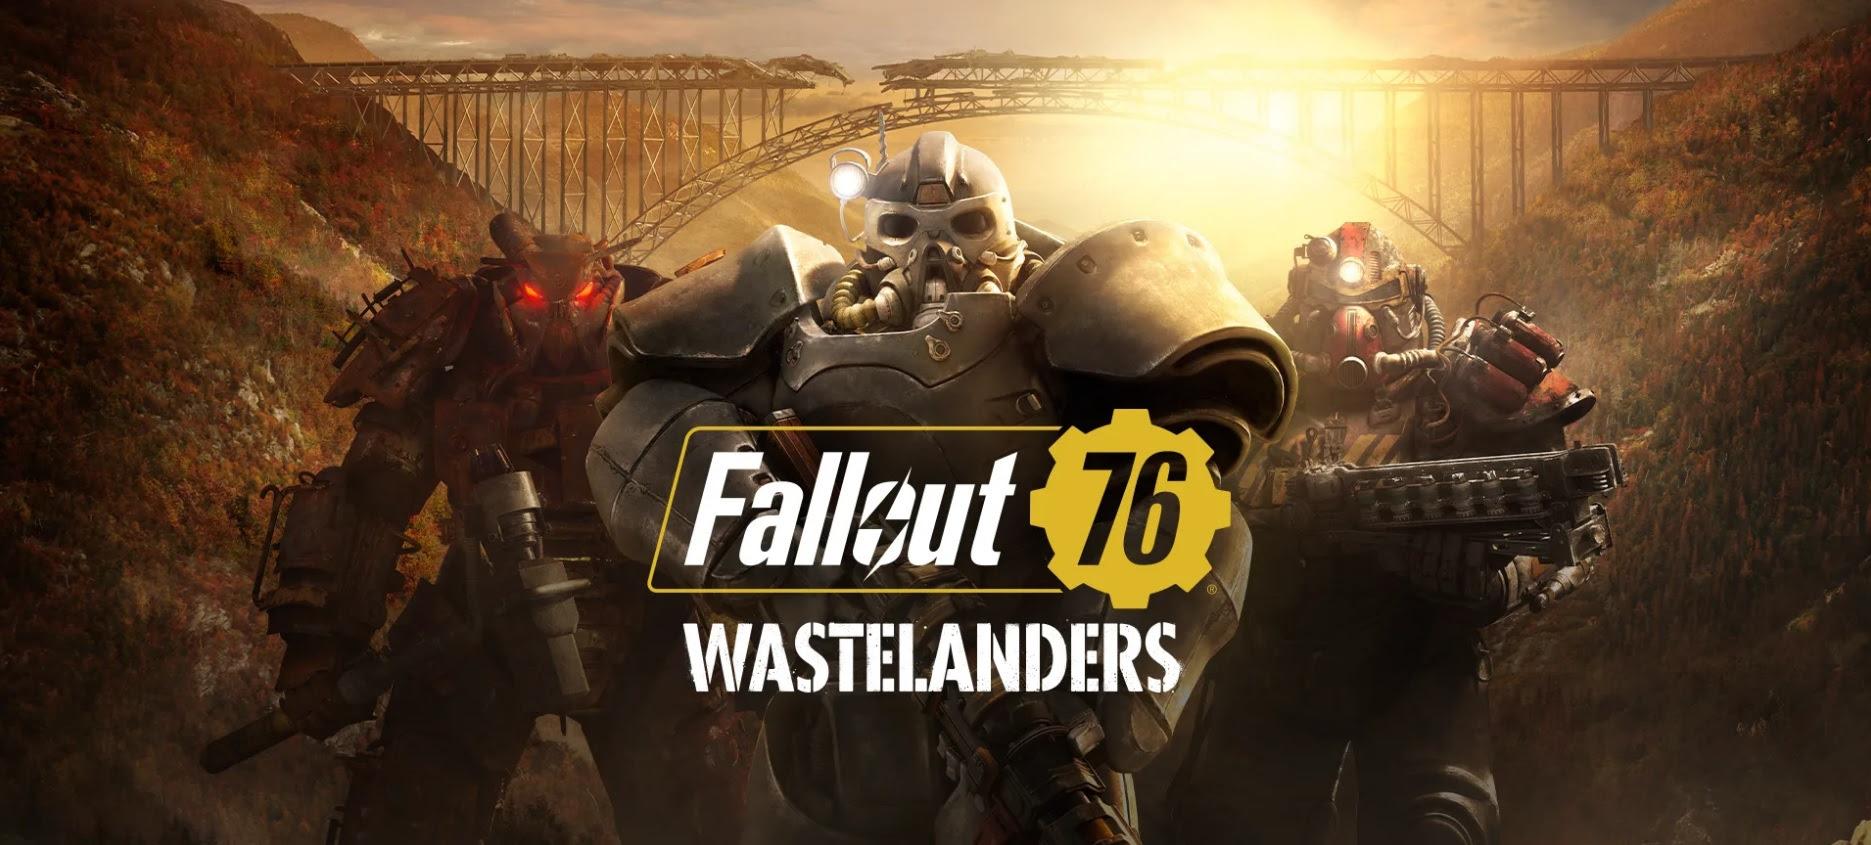 Jogos: Atualização Wastelanders já está disponível para Fallout 76